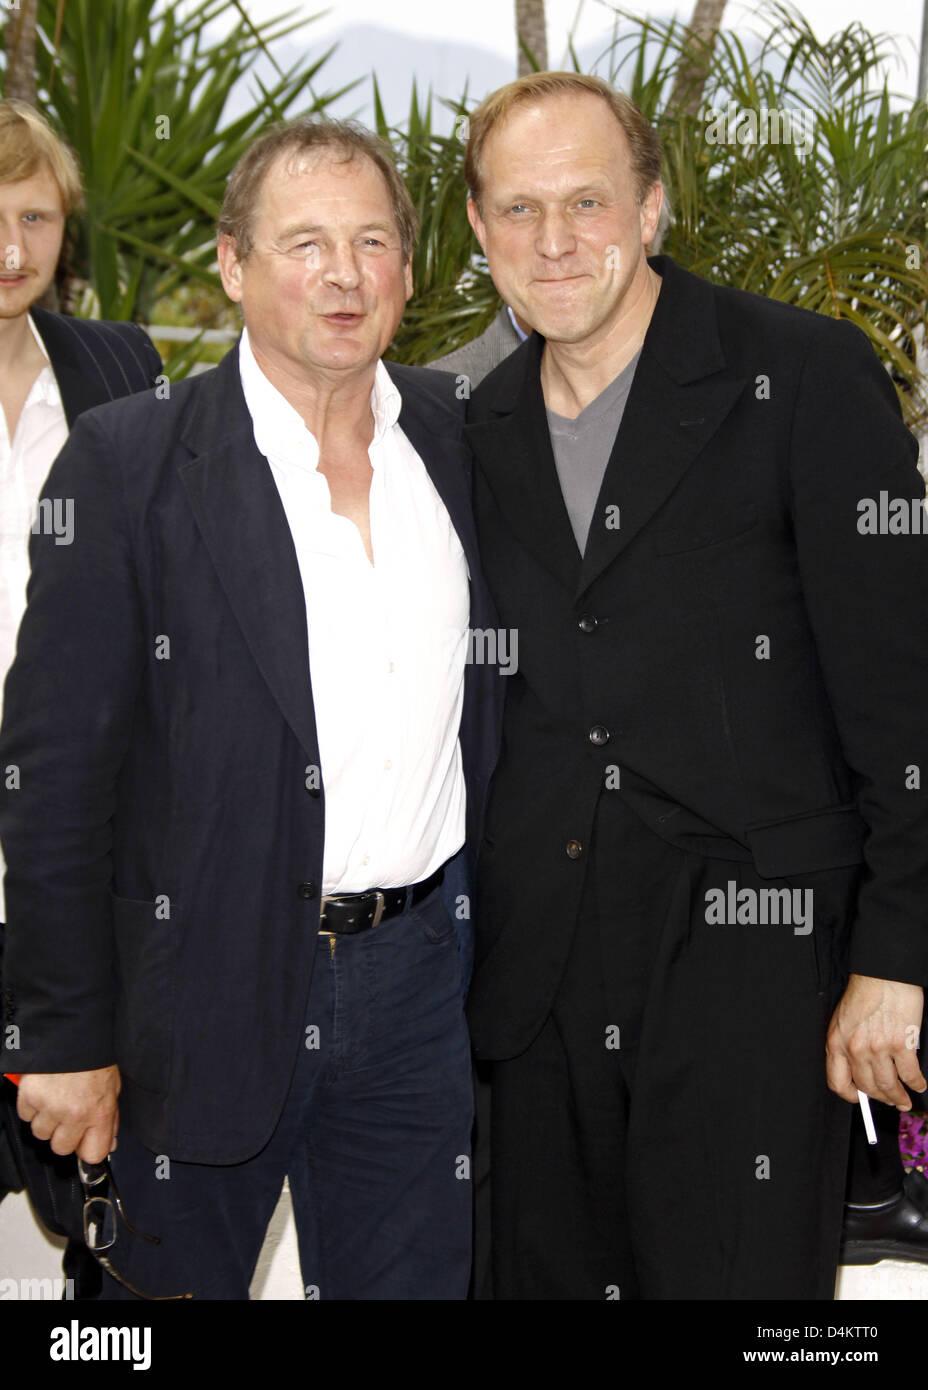 Schauspieler Burghart Klaußner (L) und Ulrich Tukur posieren vor der Pressekonferenz des Films? Das weiße Stockbild